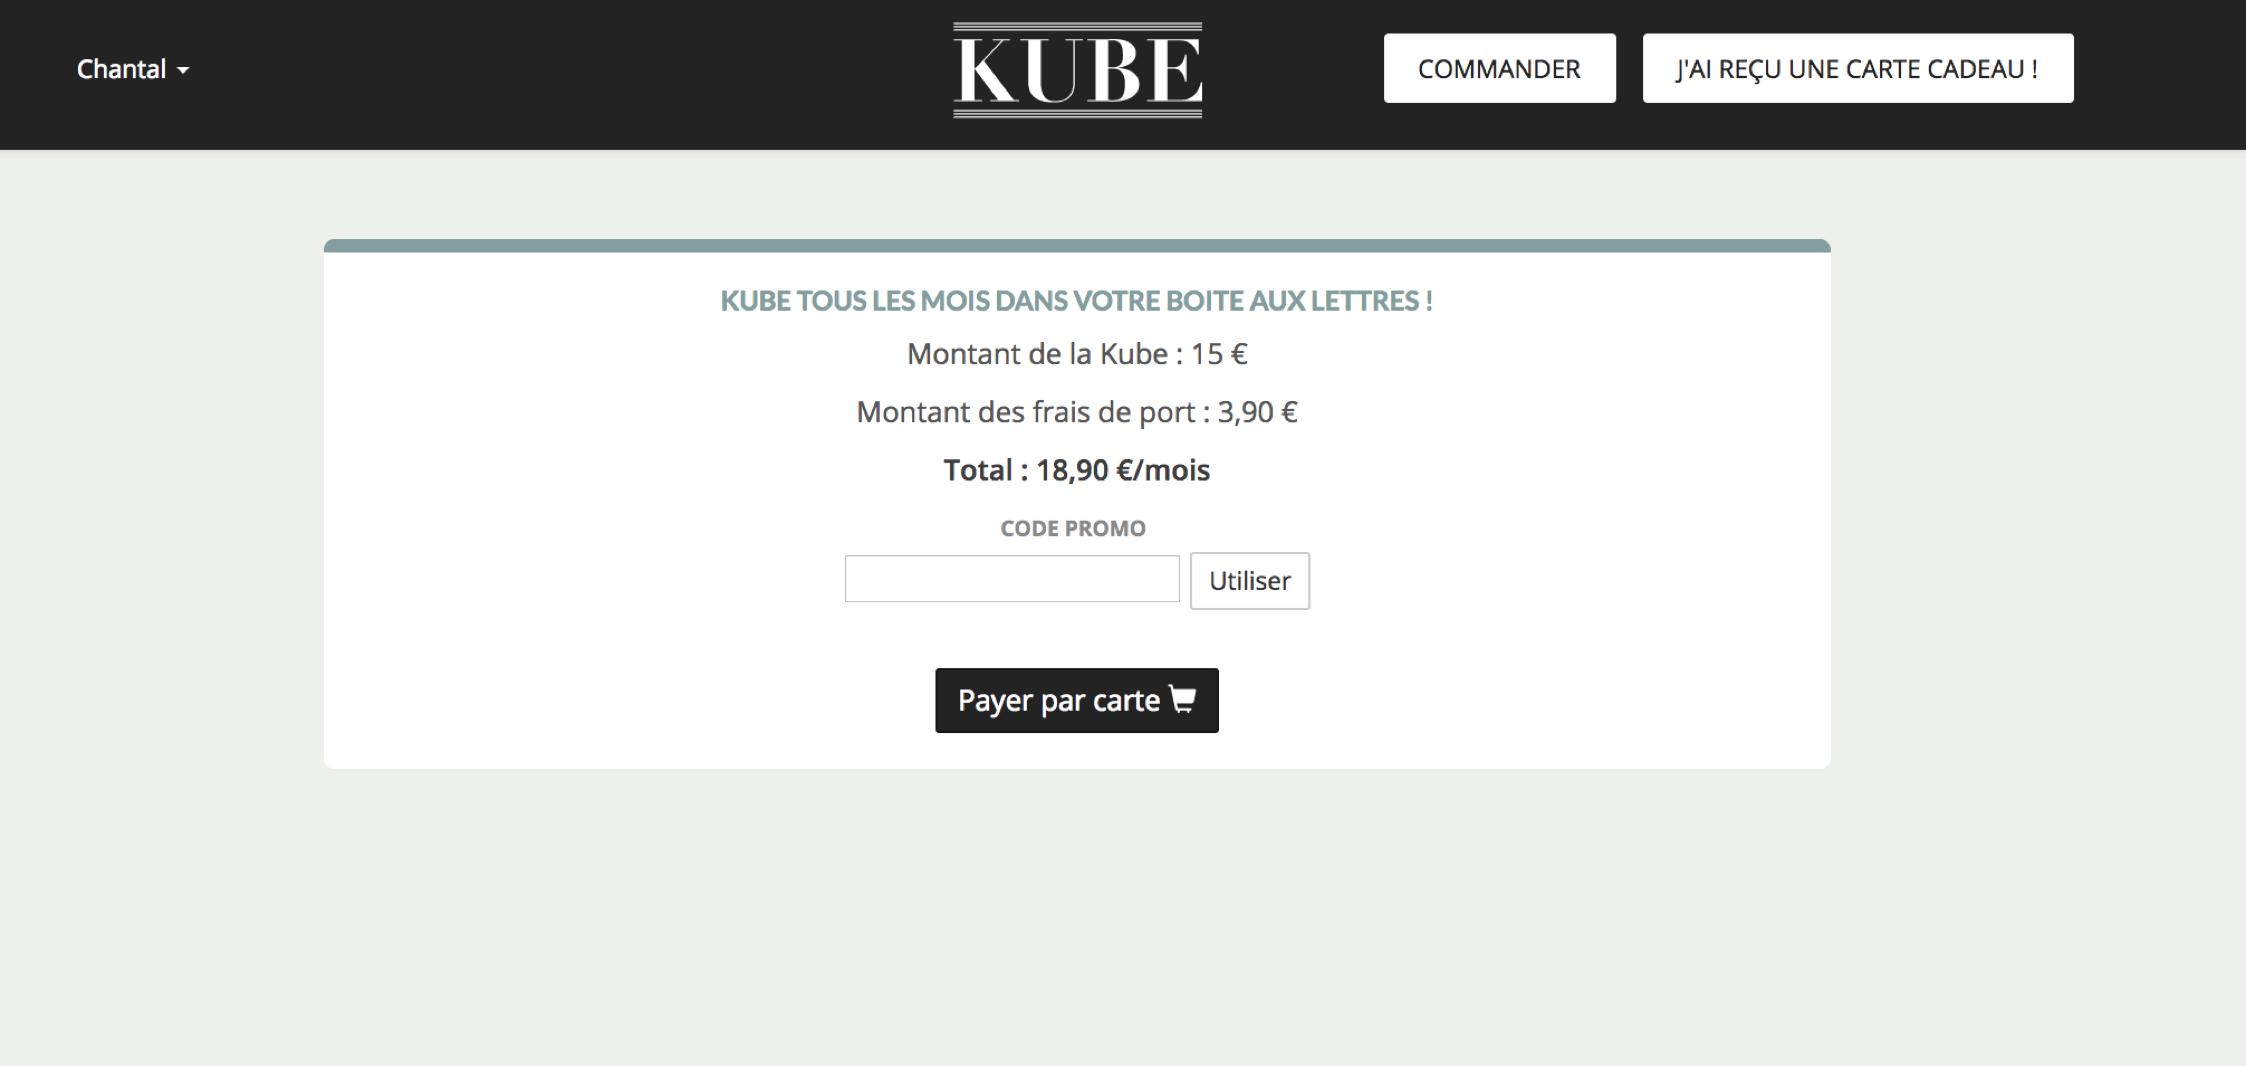 comment utiliser un code promo kube